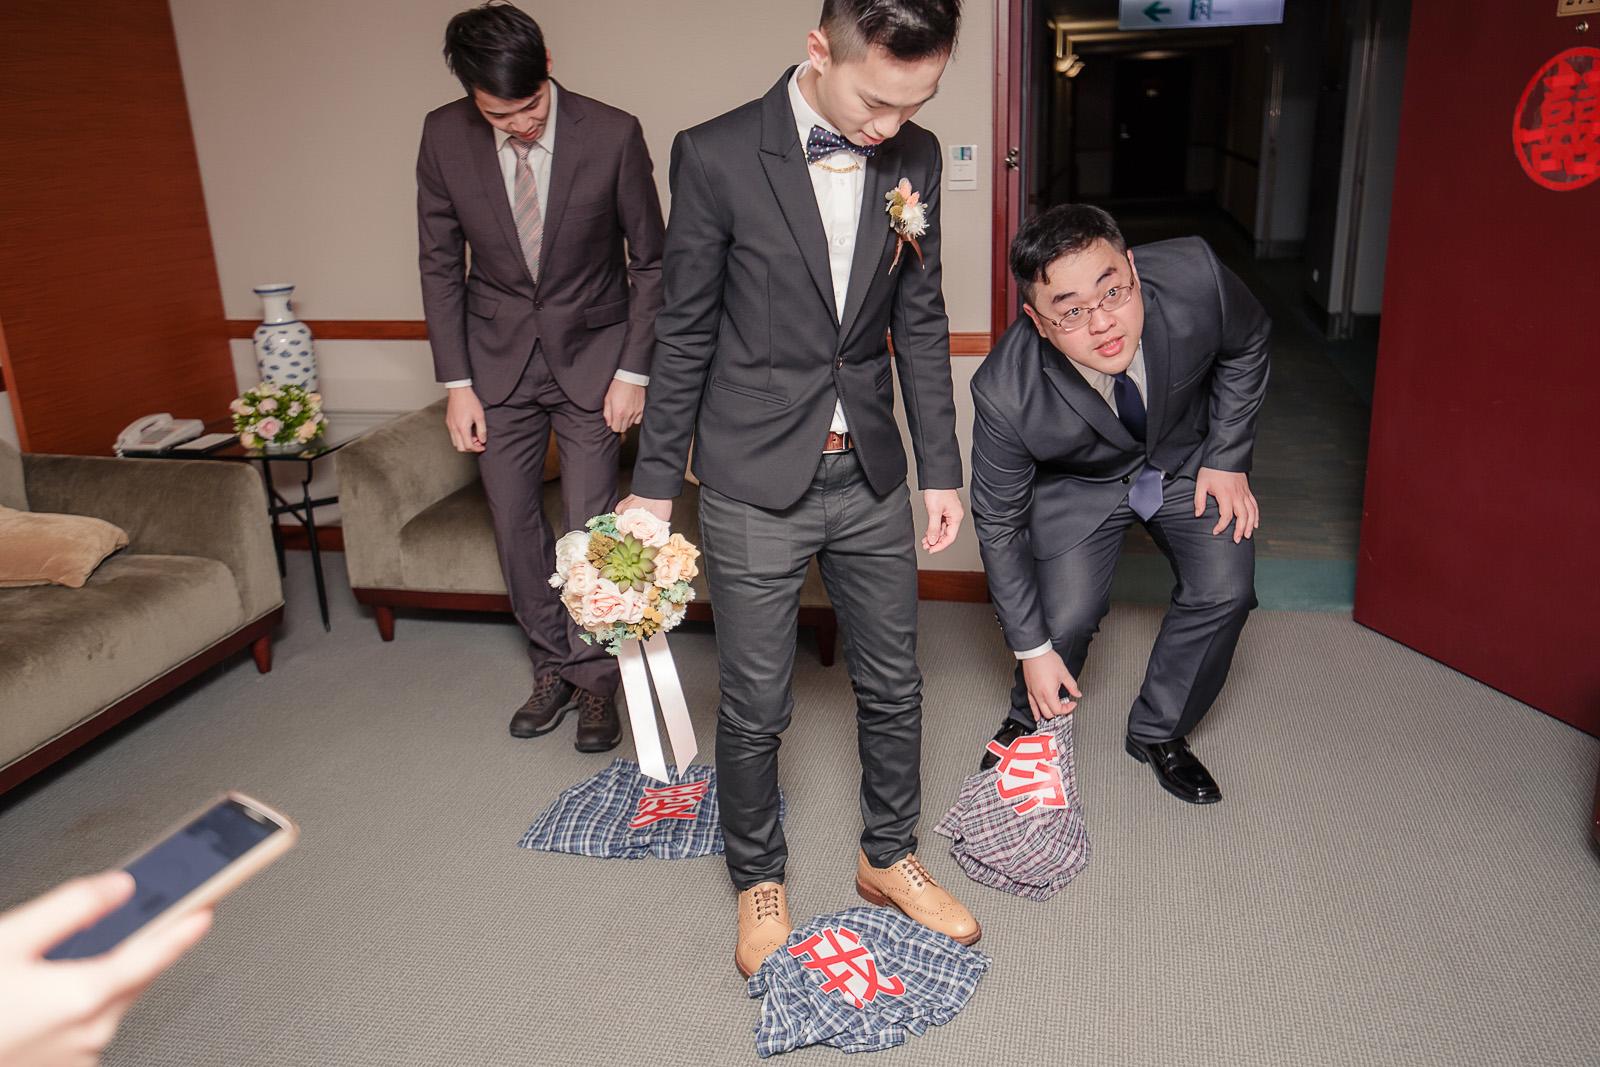 高雄圓山飯店,婚禮攝影,婚攝,高雄婚攝,優質婚攝推薦,Jen&Ethan-116